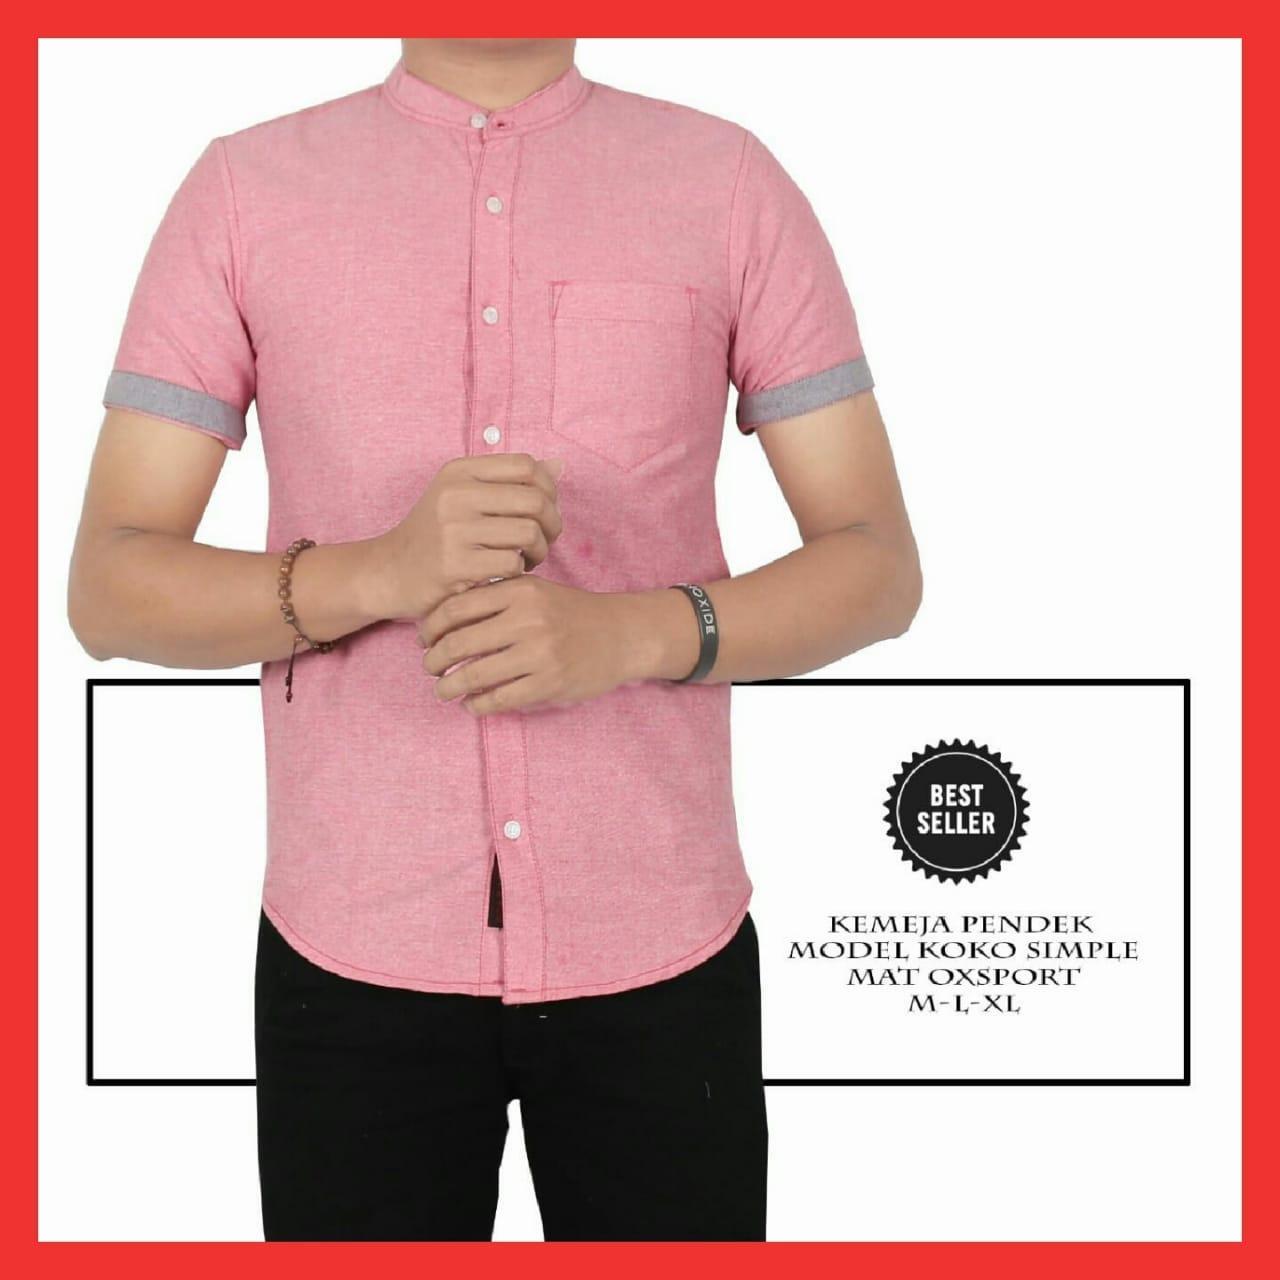 Fix - Baju Kemeja Pria/Kemeja Koko Lengan Pendek/Kemeja Model Koko Simple